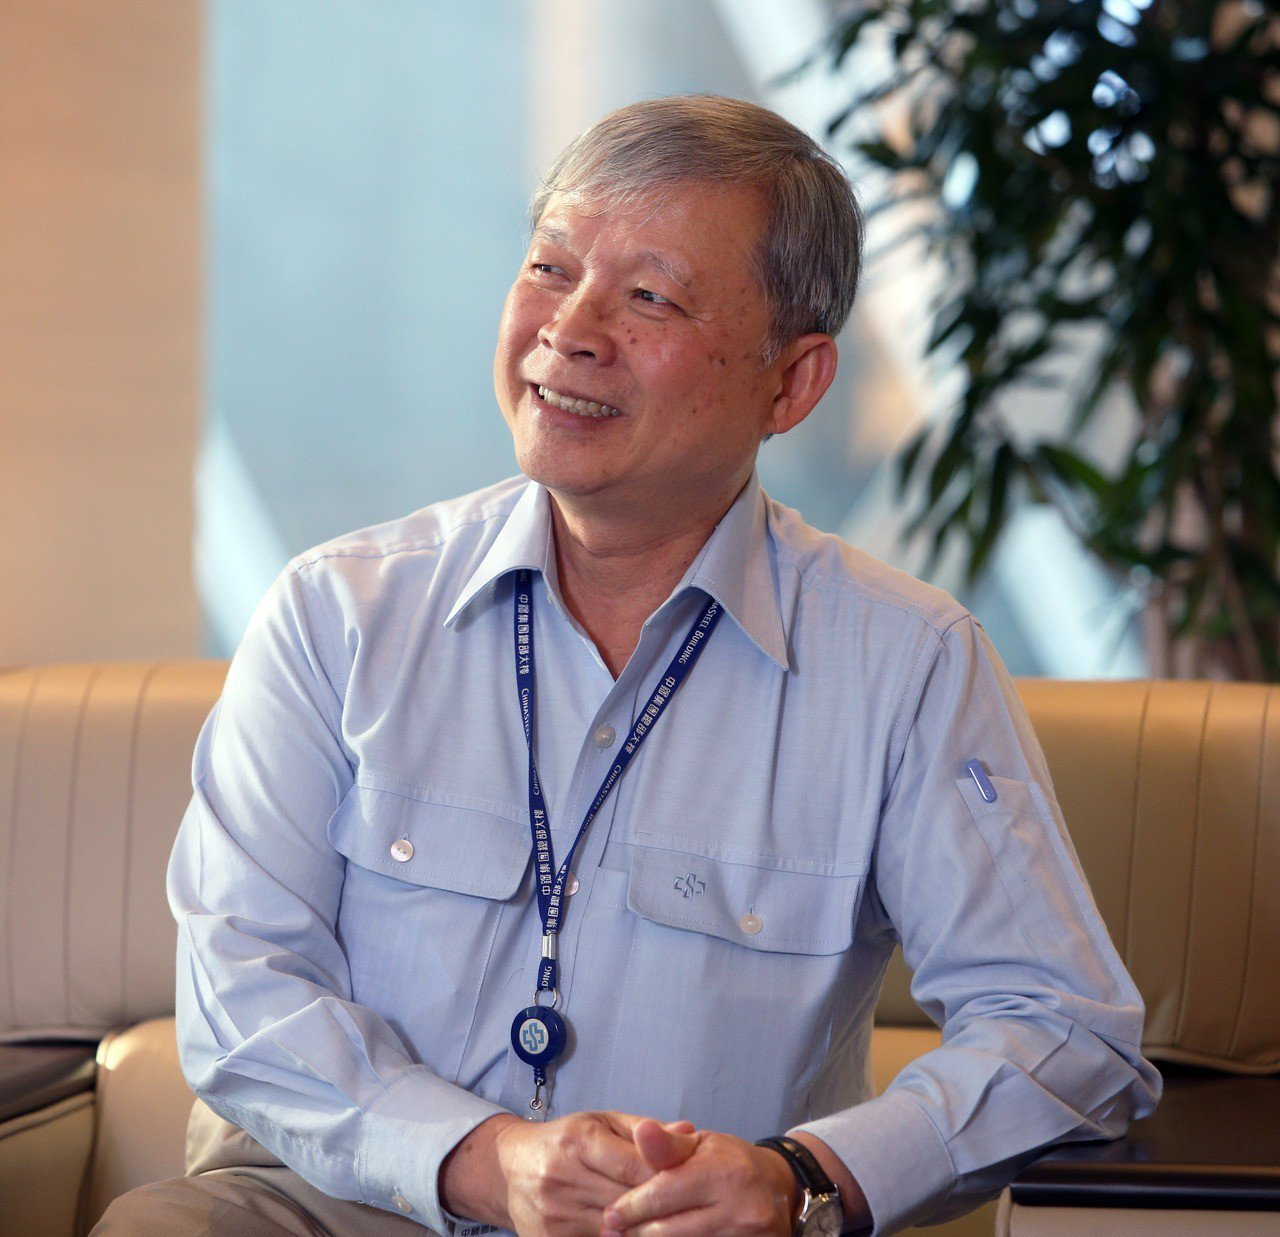 現任總經理林弘男將於30日卸任。 圖/聯合報系資料照片